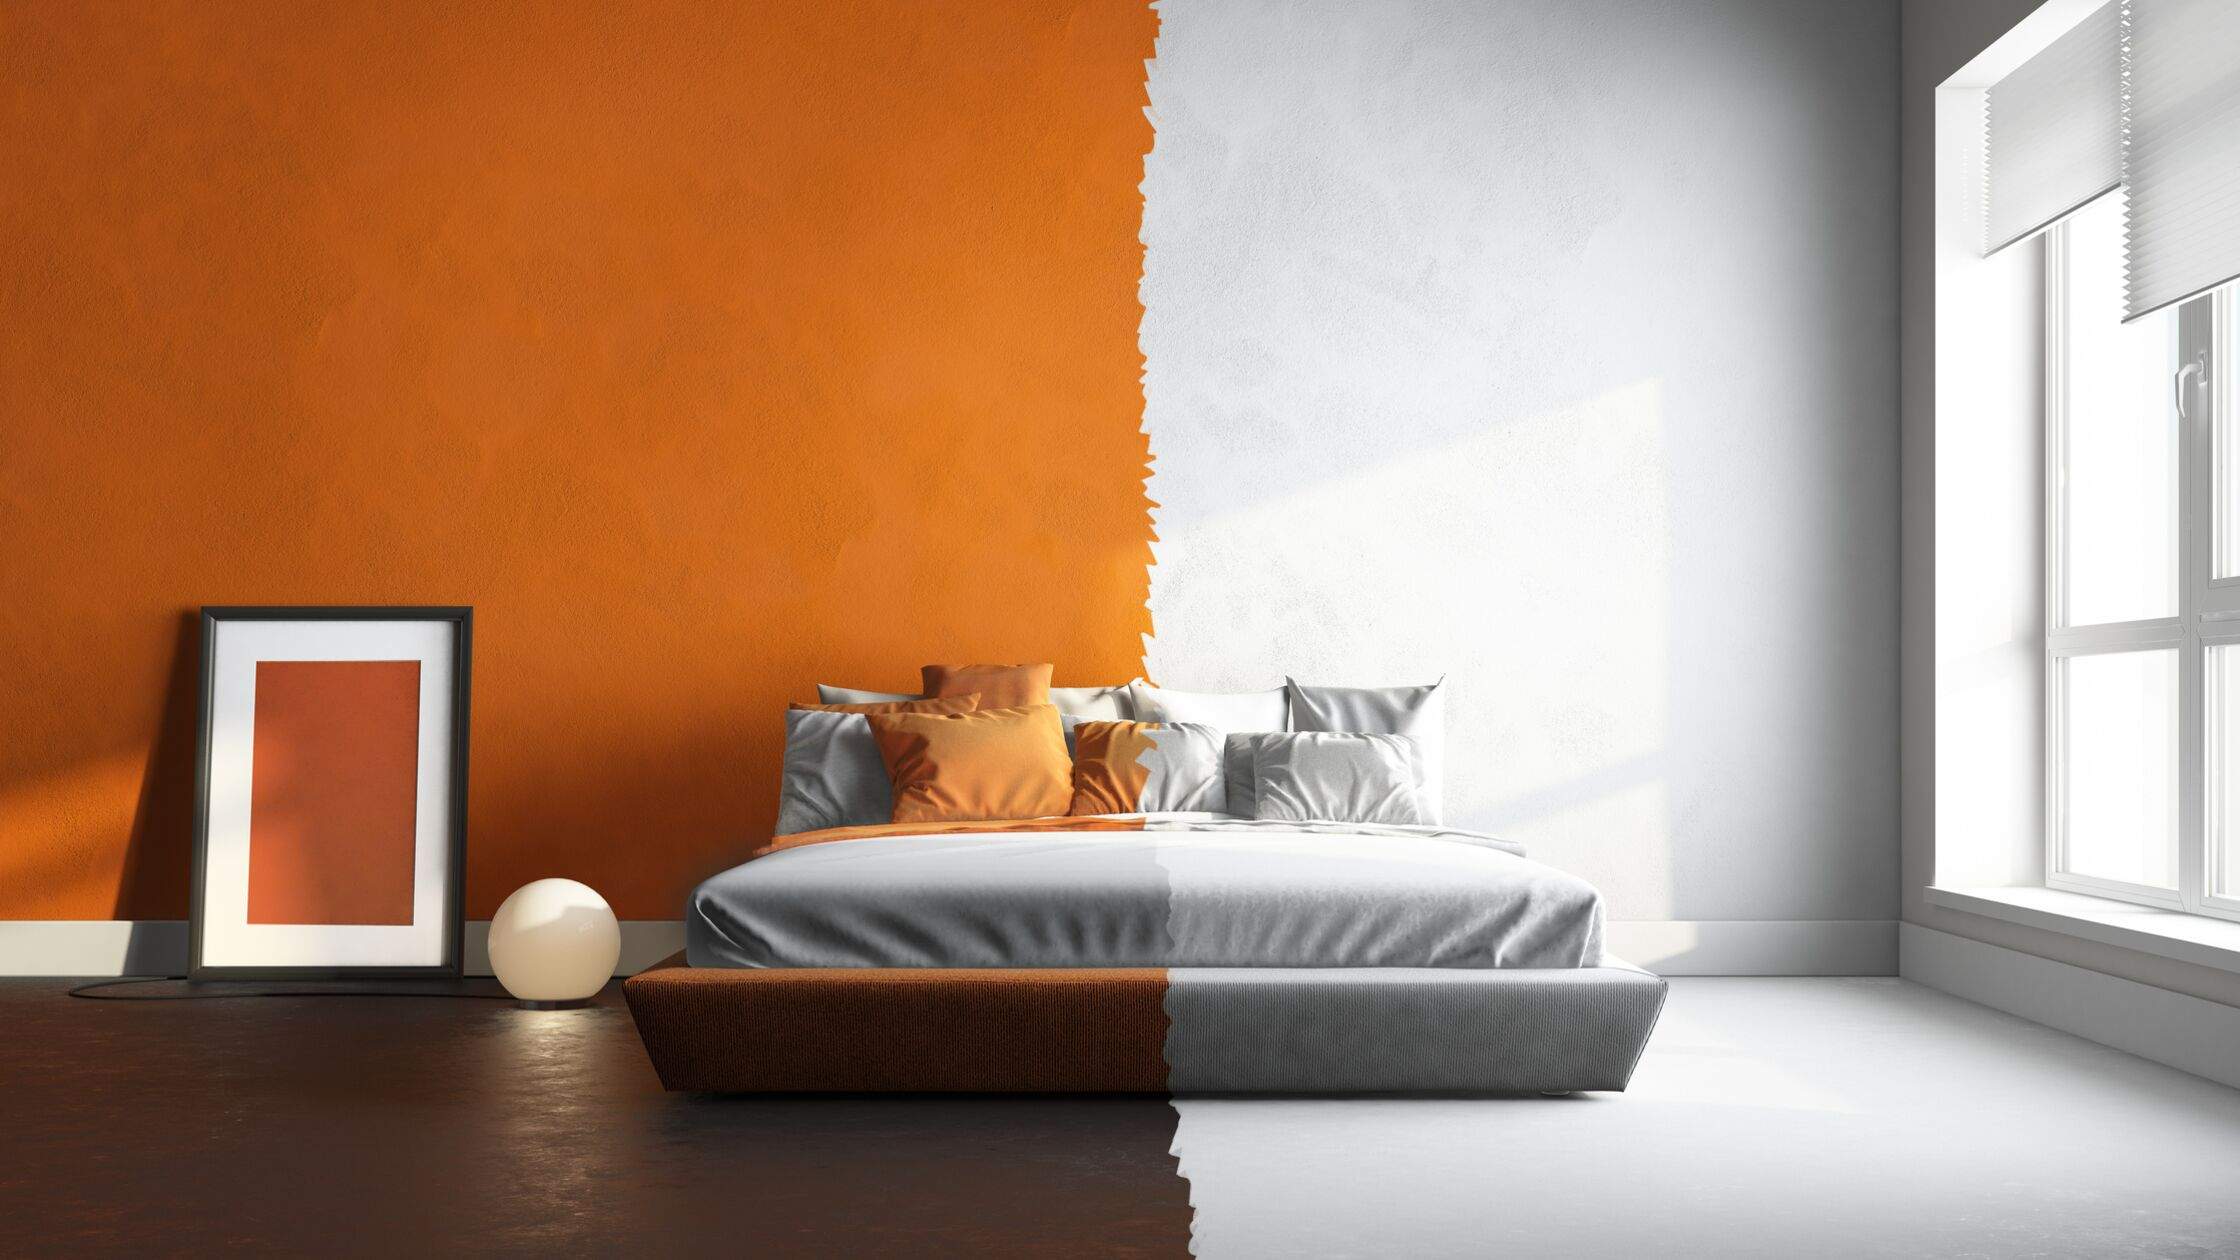 Raum in zwei Farben: Links in braun und orange, rechts in Grautönen.